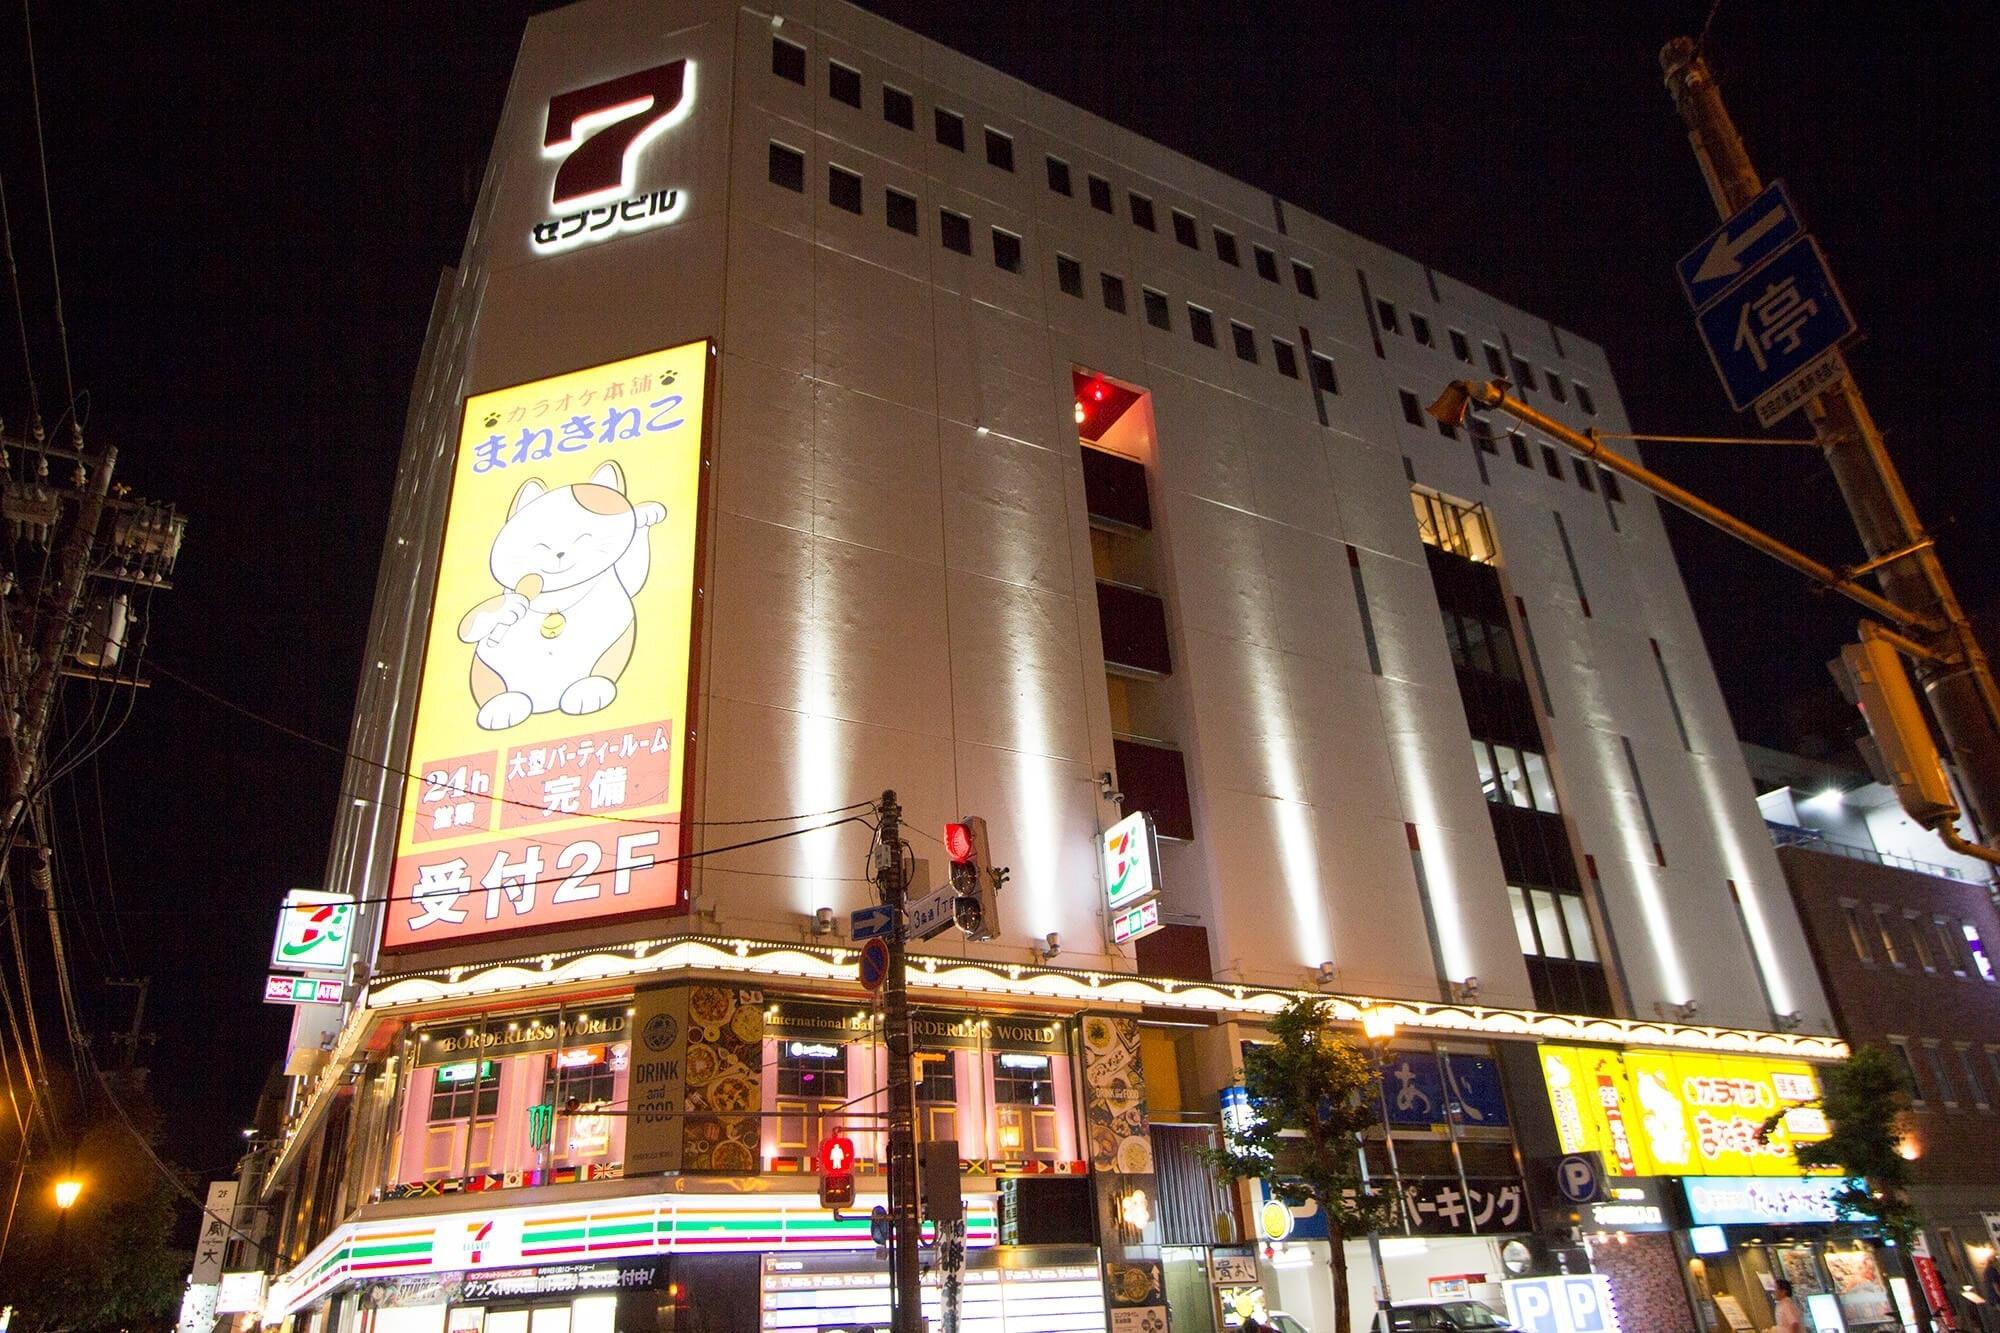 15【Go to Asahikawa】旭川駅近MAX6 FreeWi-Fi 繫華 36街 コンビニ